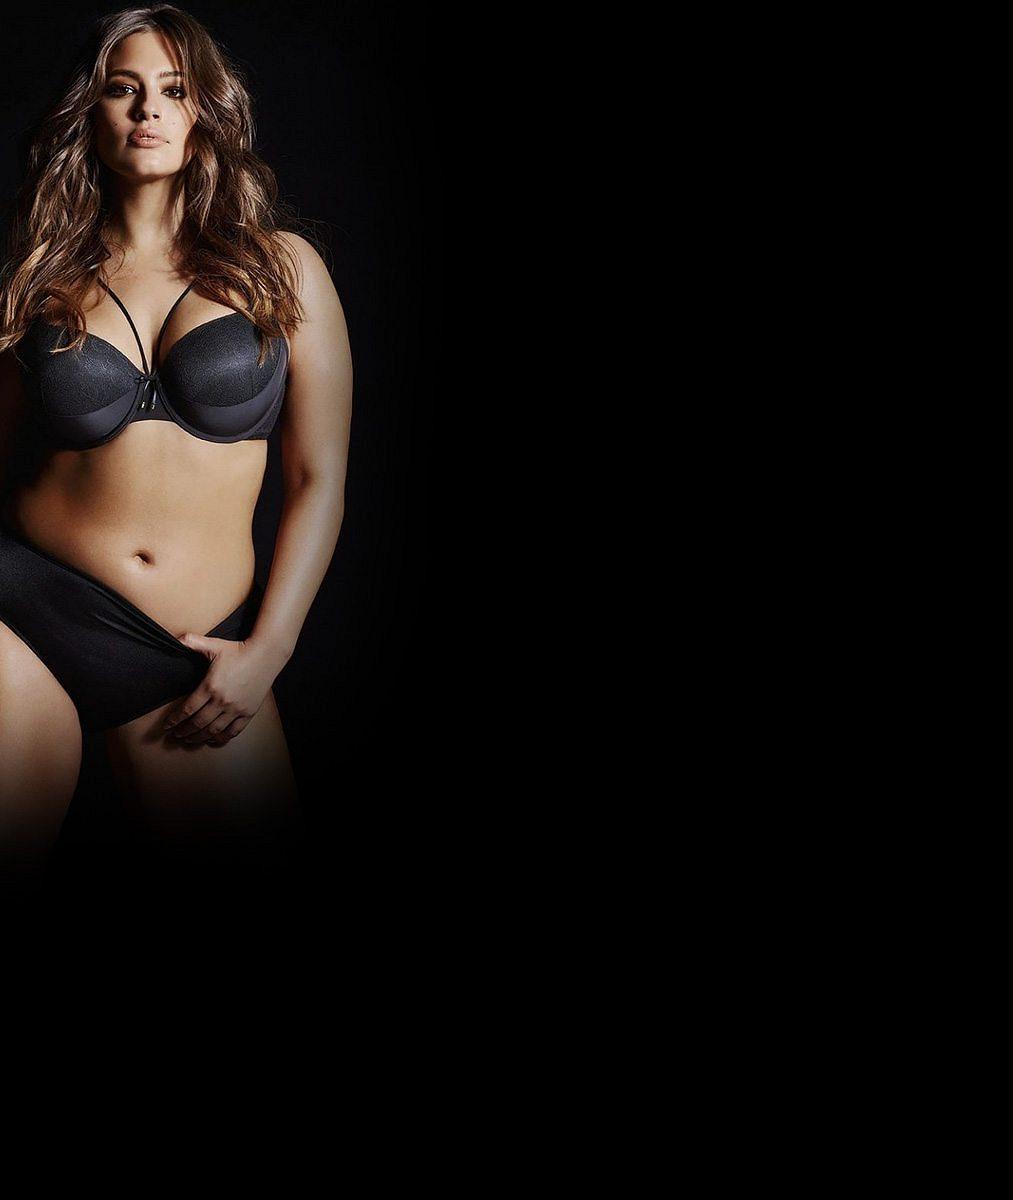 Grafické oddělení odvedlo skvělou práci: XXL modelka v nové kampani zkrásněla, špekatá stehna jsou pryč